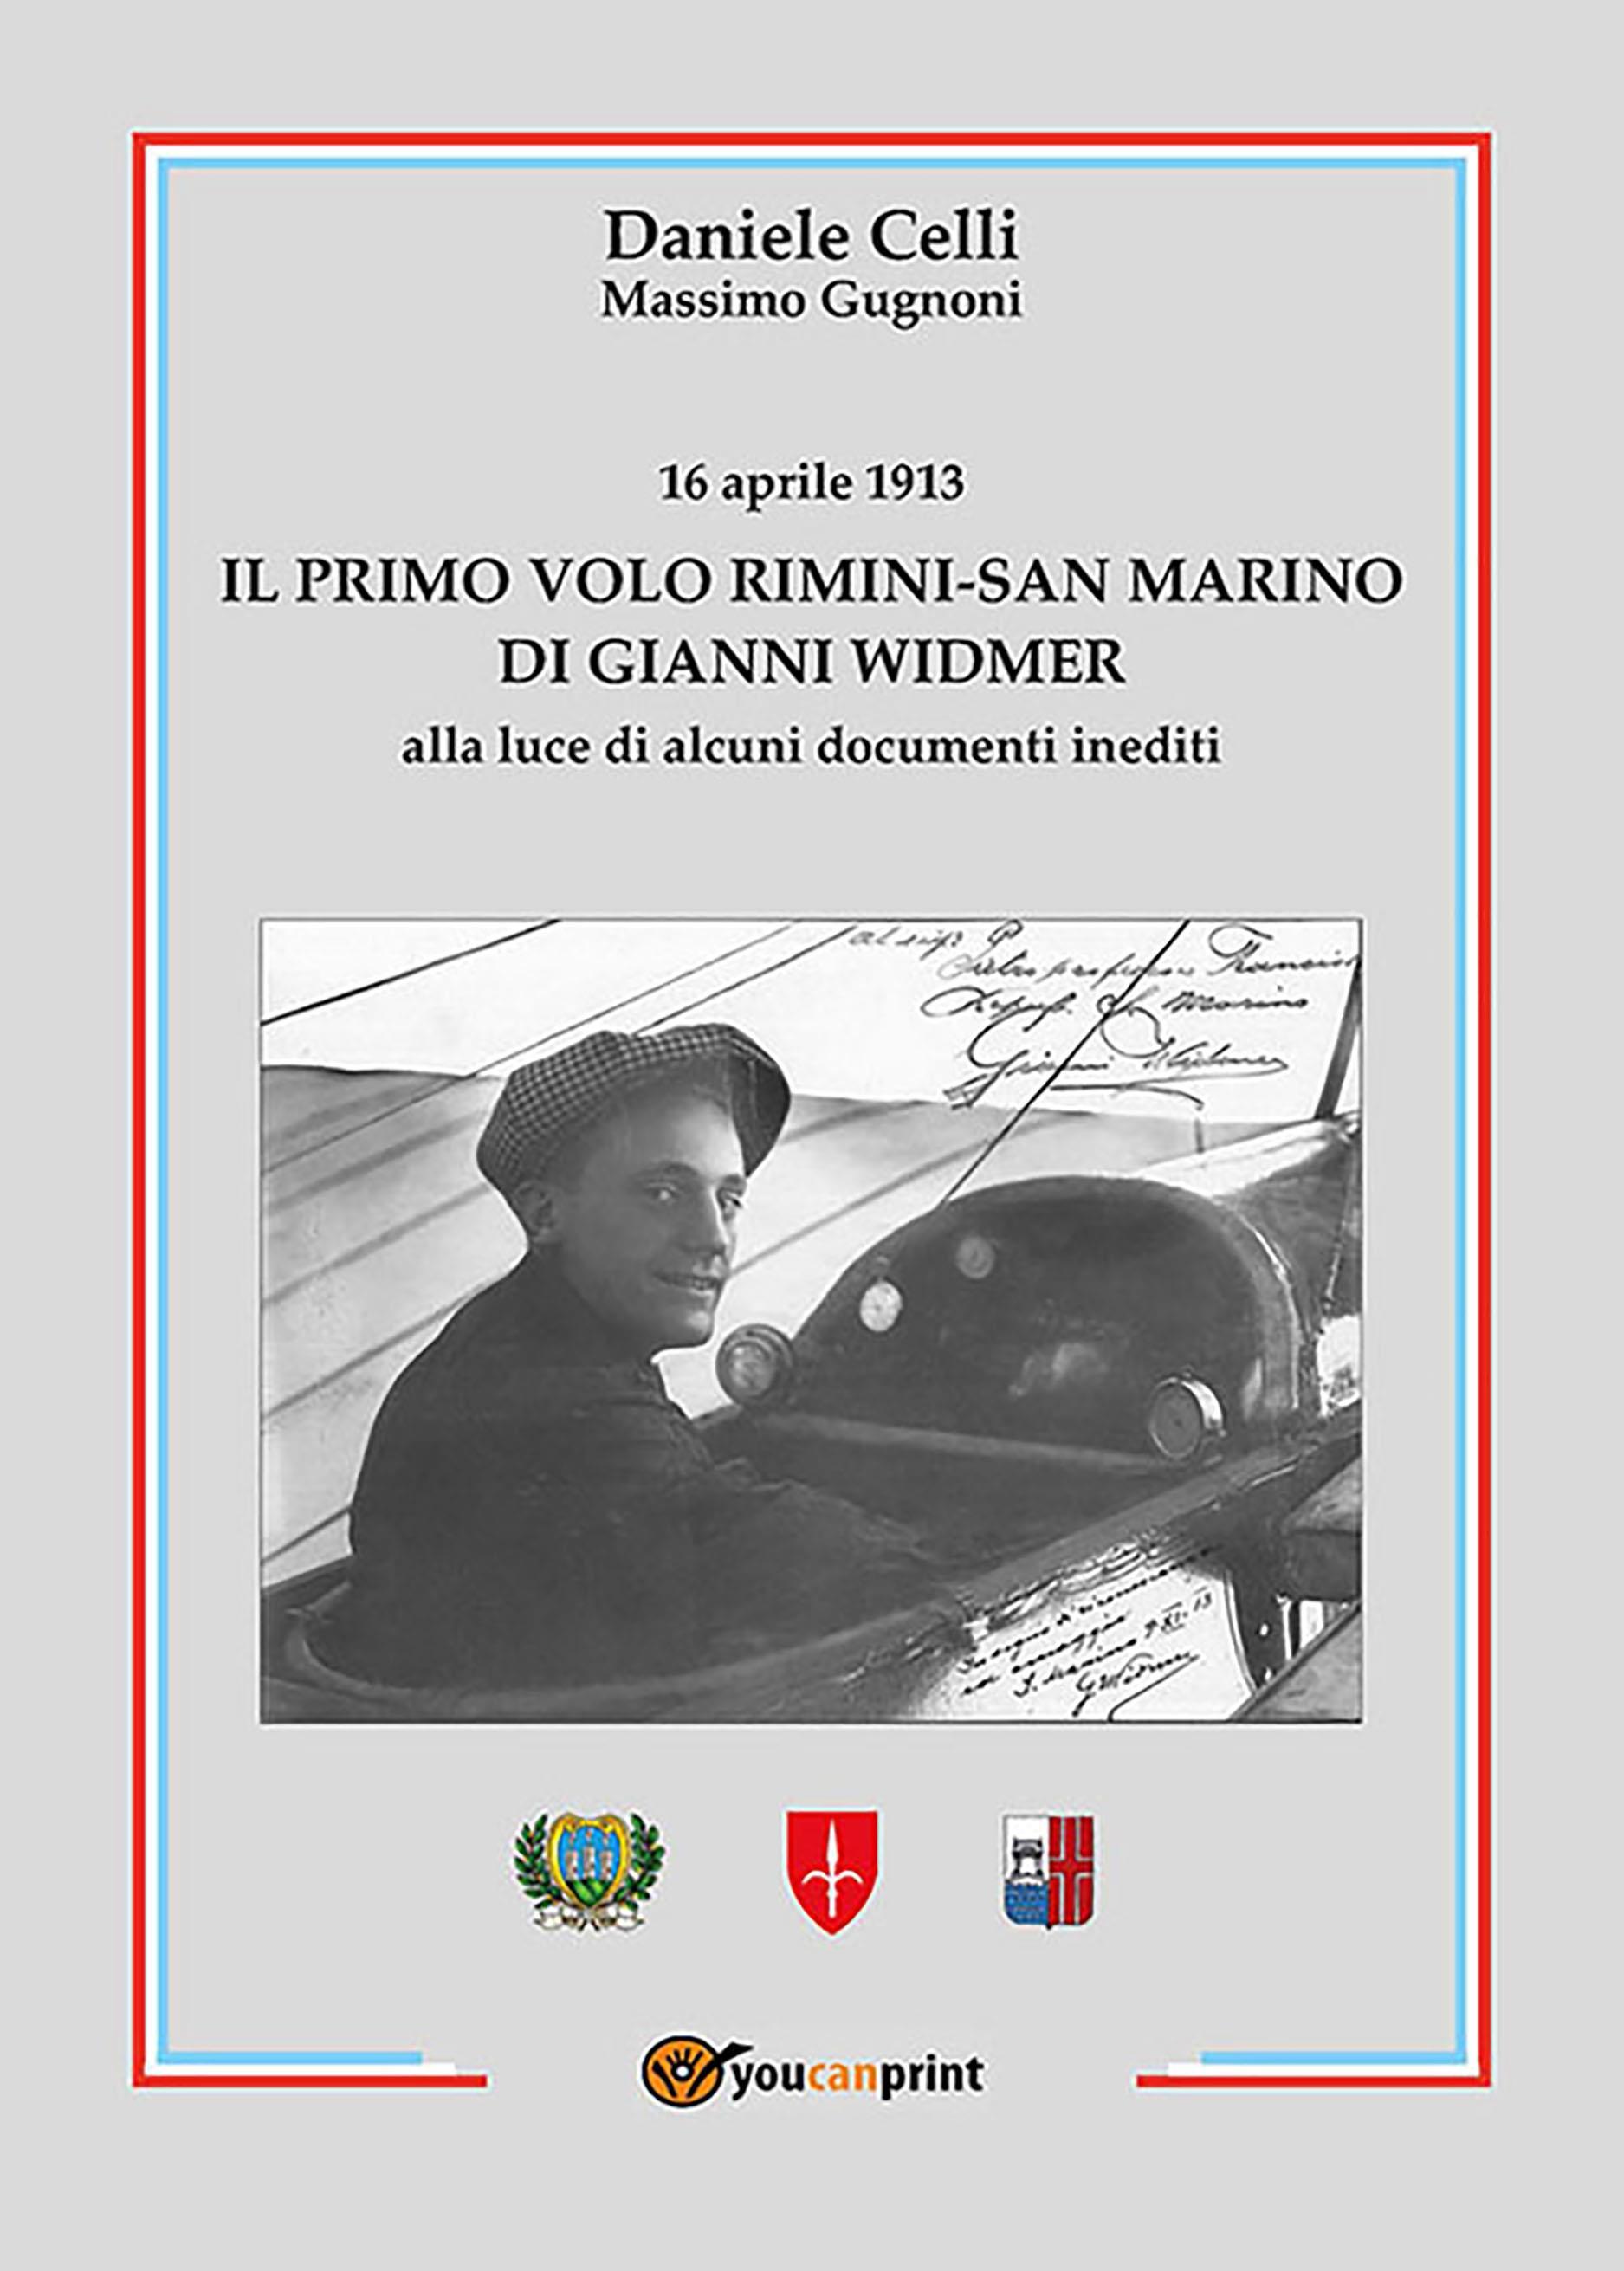 Il primo volo Rimini-San Marino di Gianni Widmer-16 aprile 1913